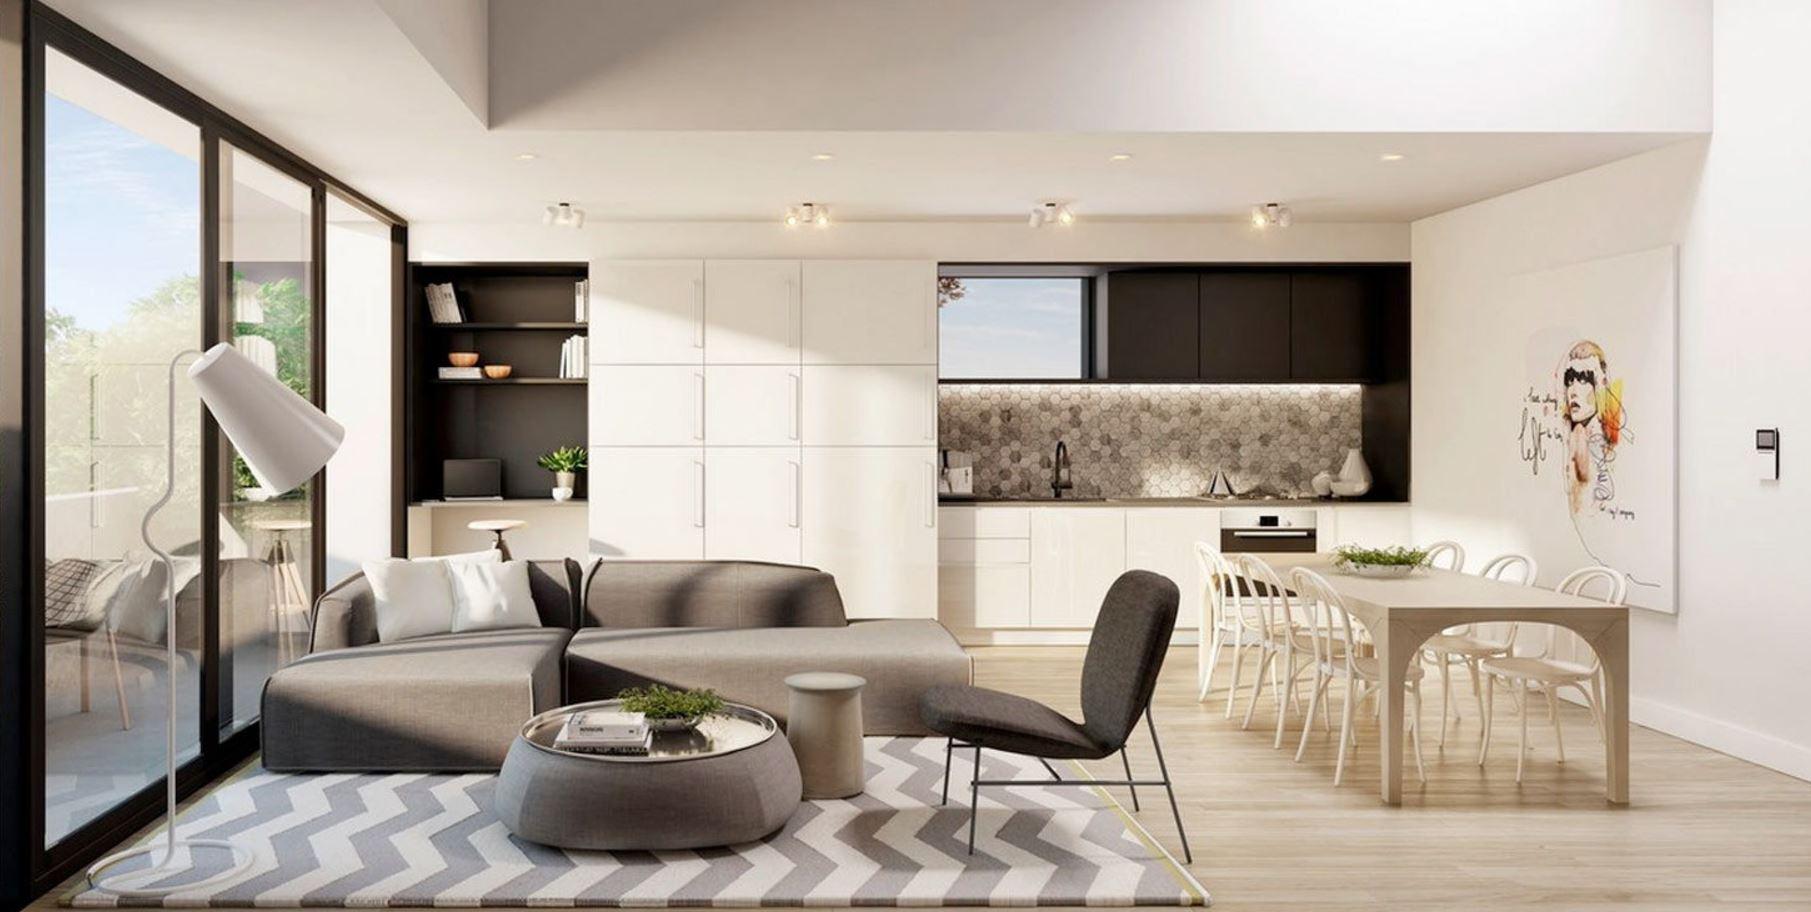 Concepto abierto cocina comedor y sala for Modelo de cocina abierta en el comedor